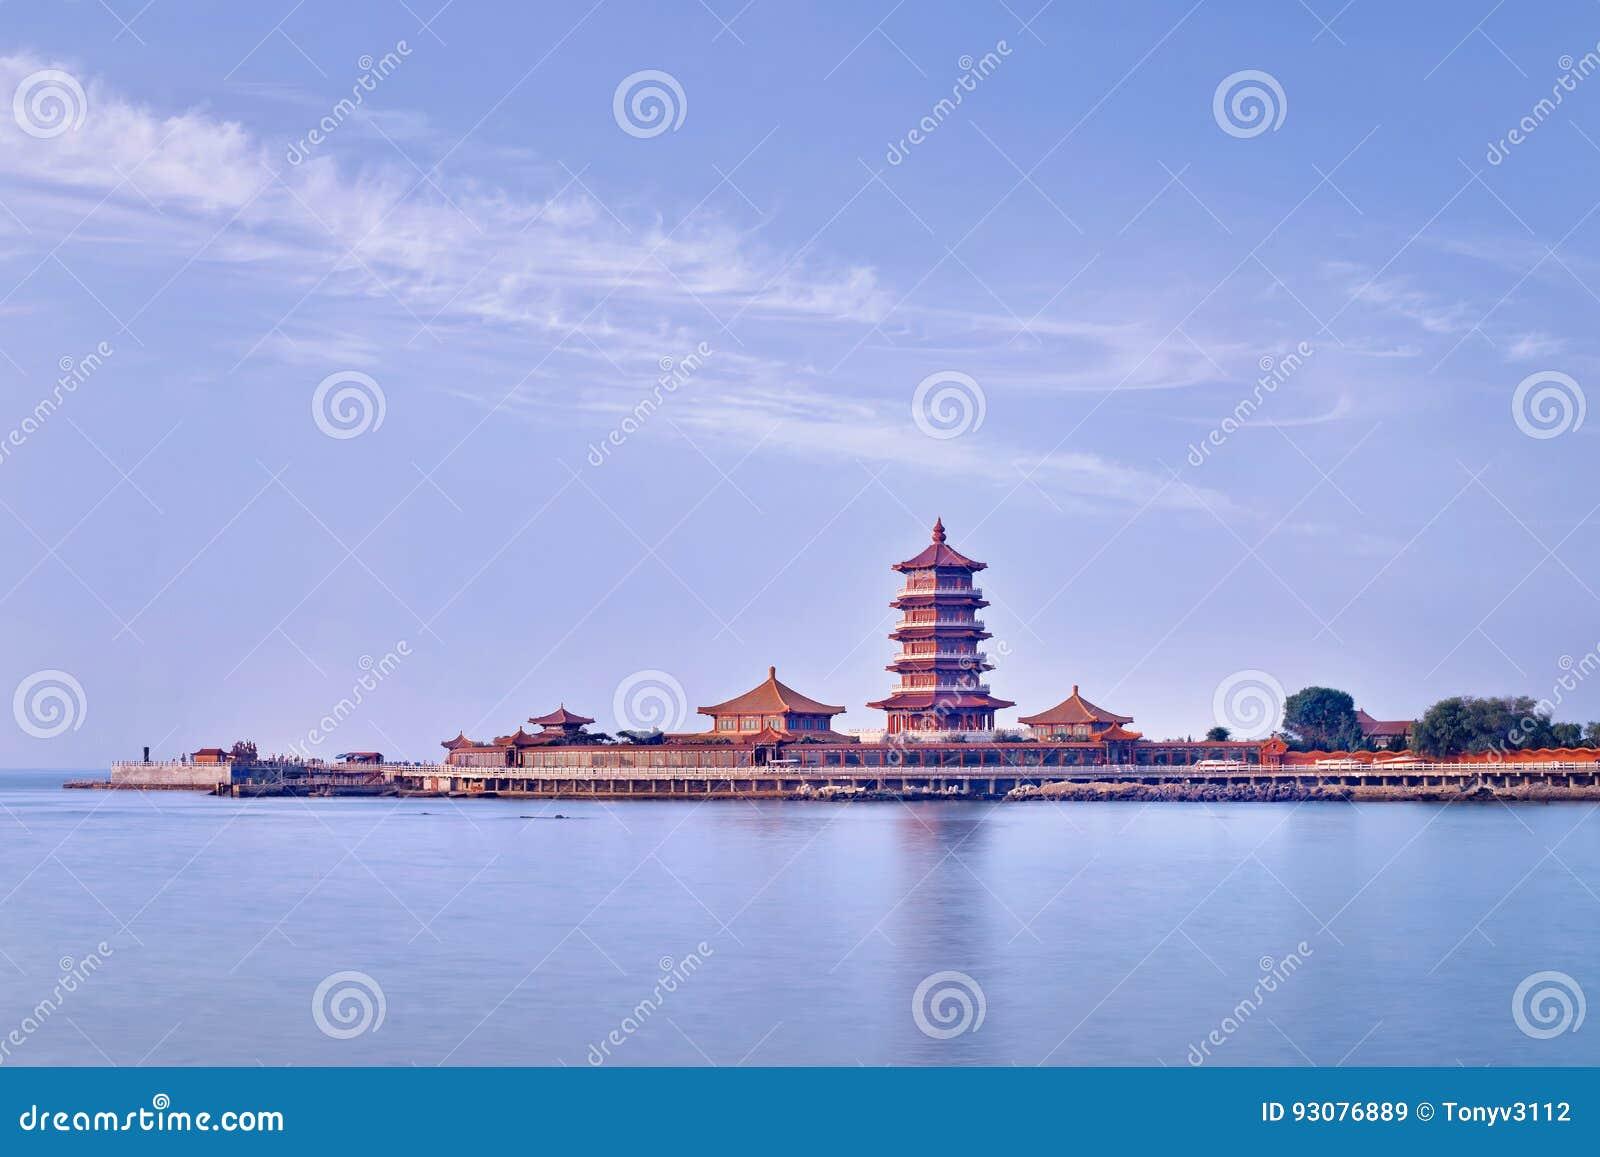 Świątynny kompleks na półwysepie z pagodą, Penglai, Chiny